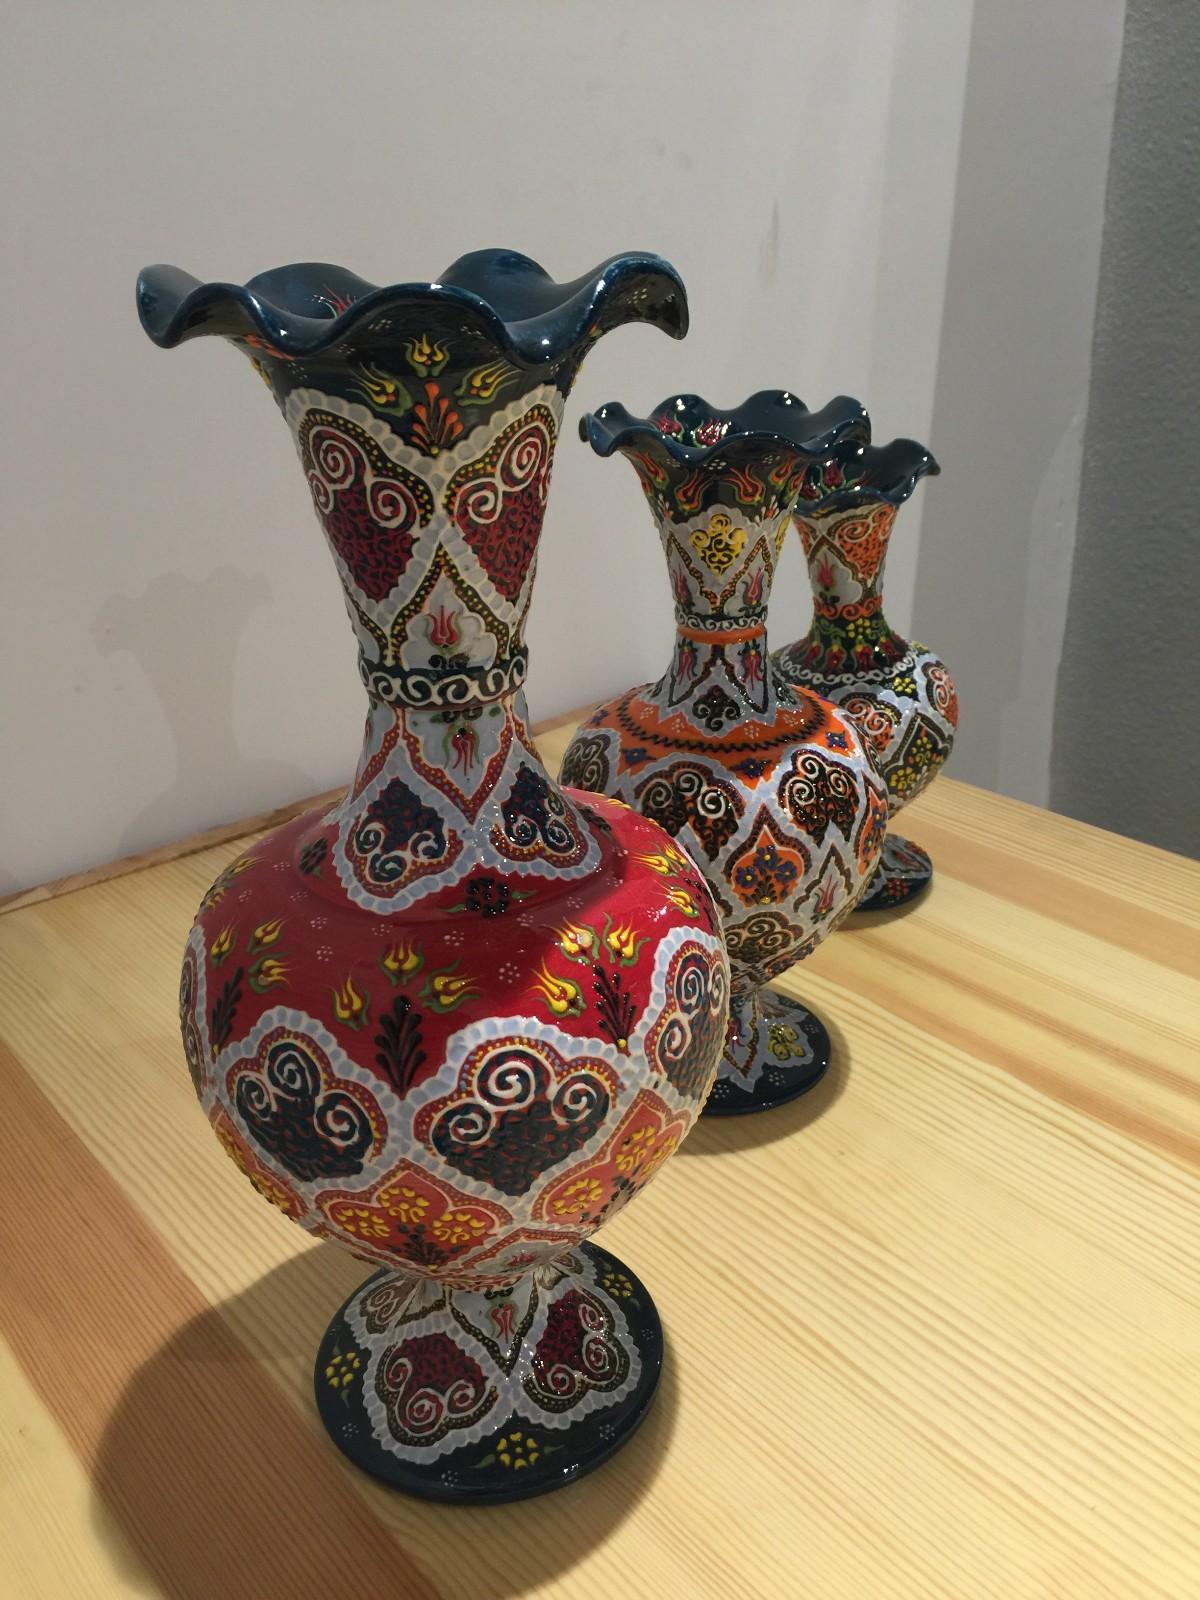 土耳其精品陶艺工艺品 家装摆件 花瓶图片二